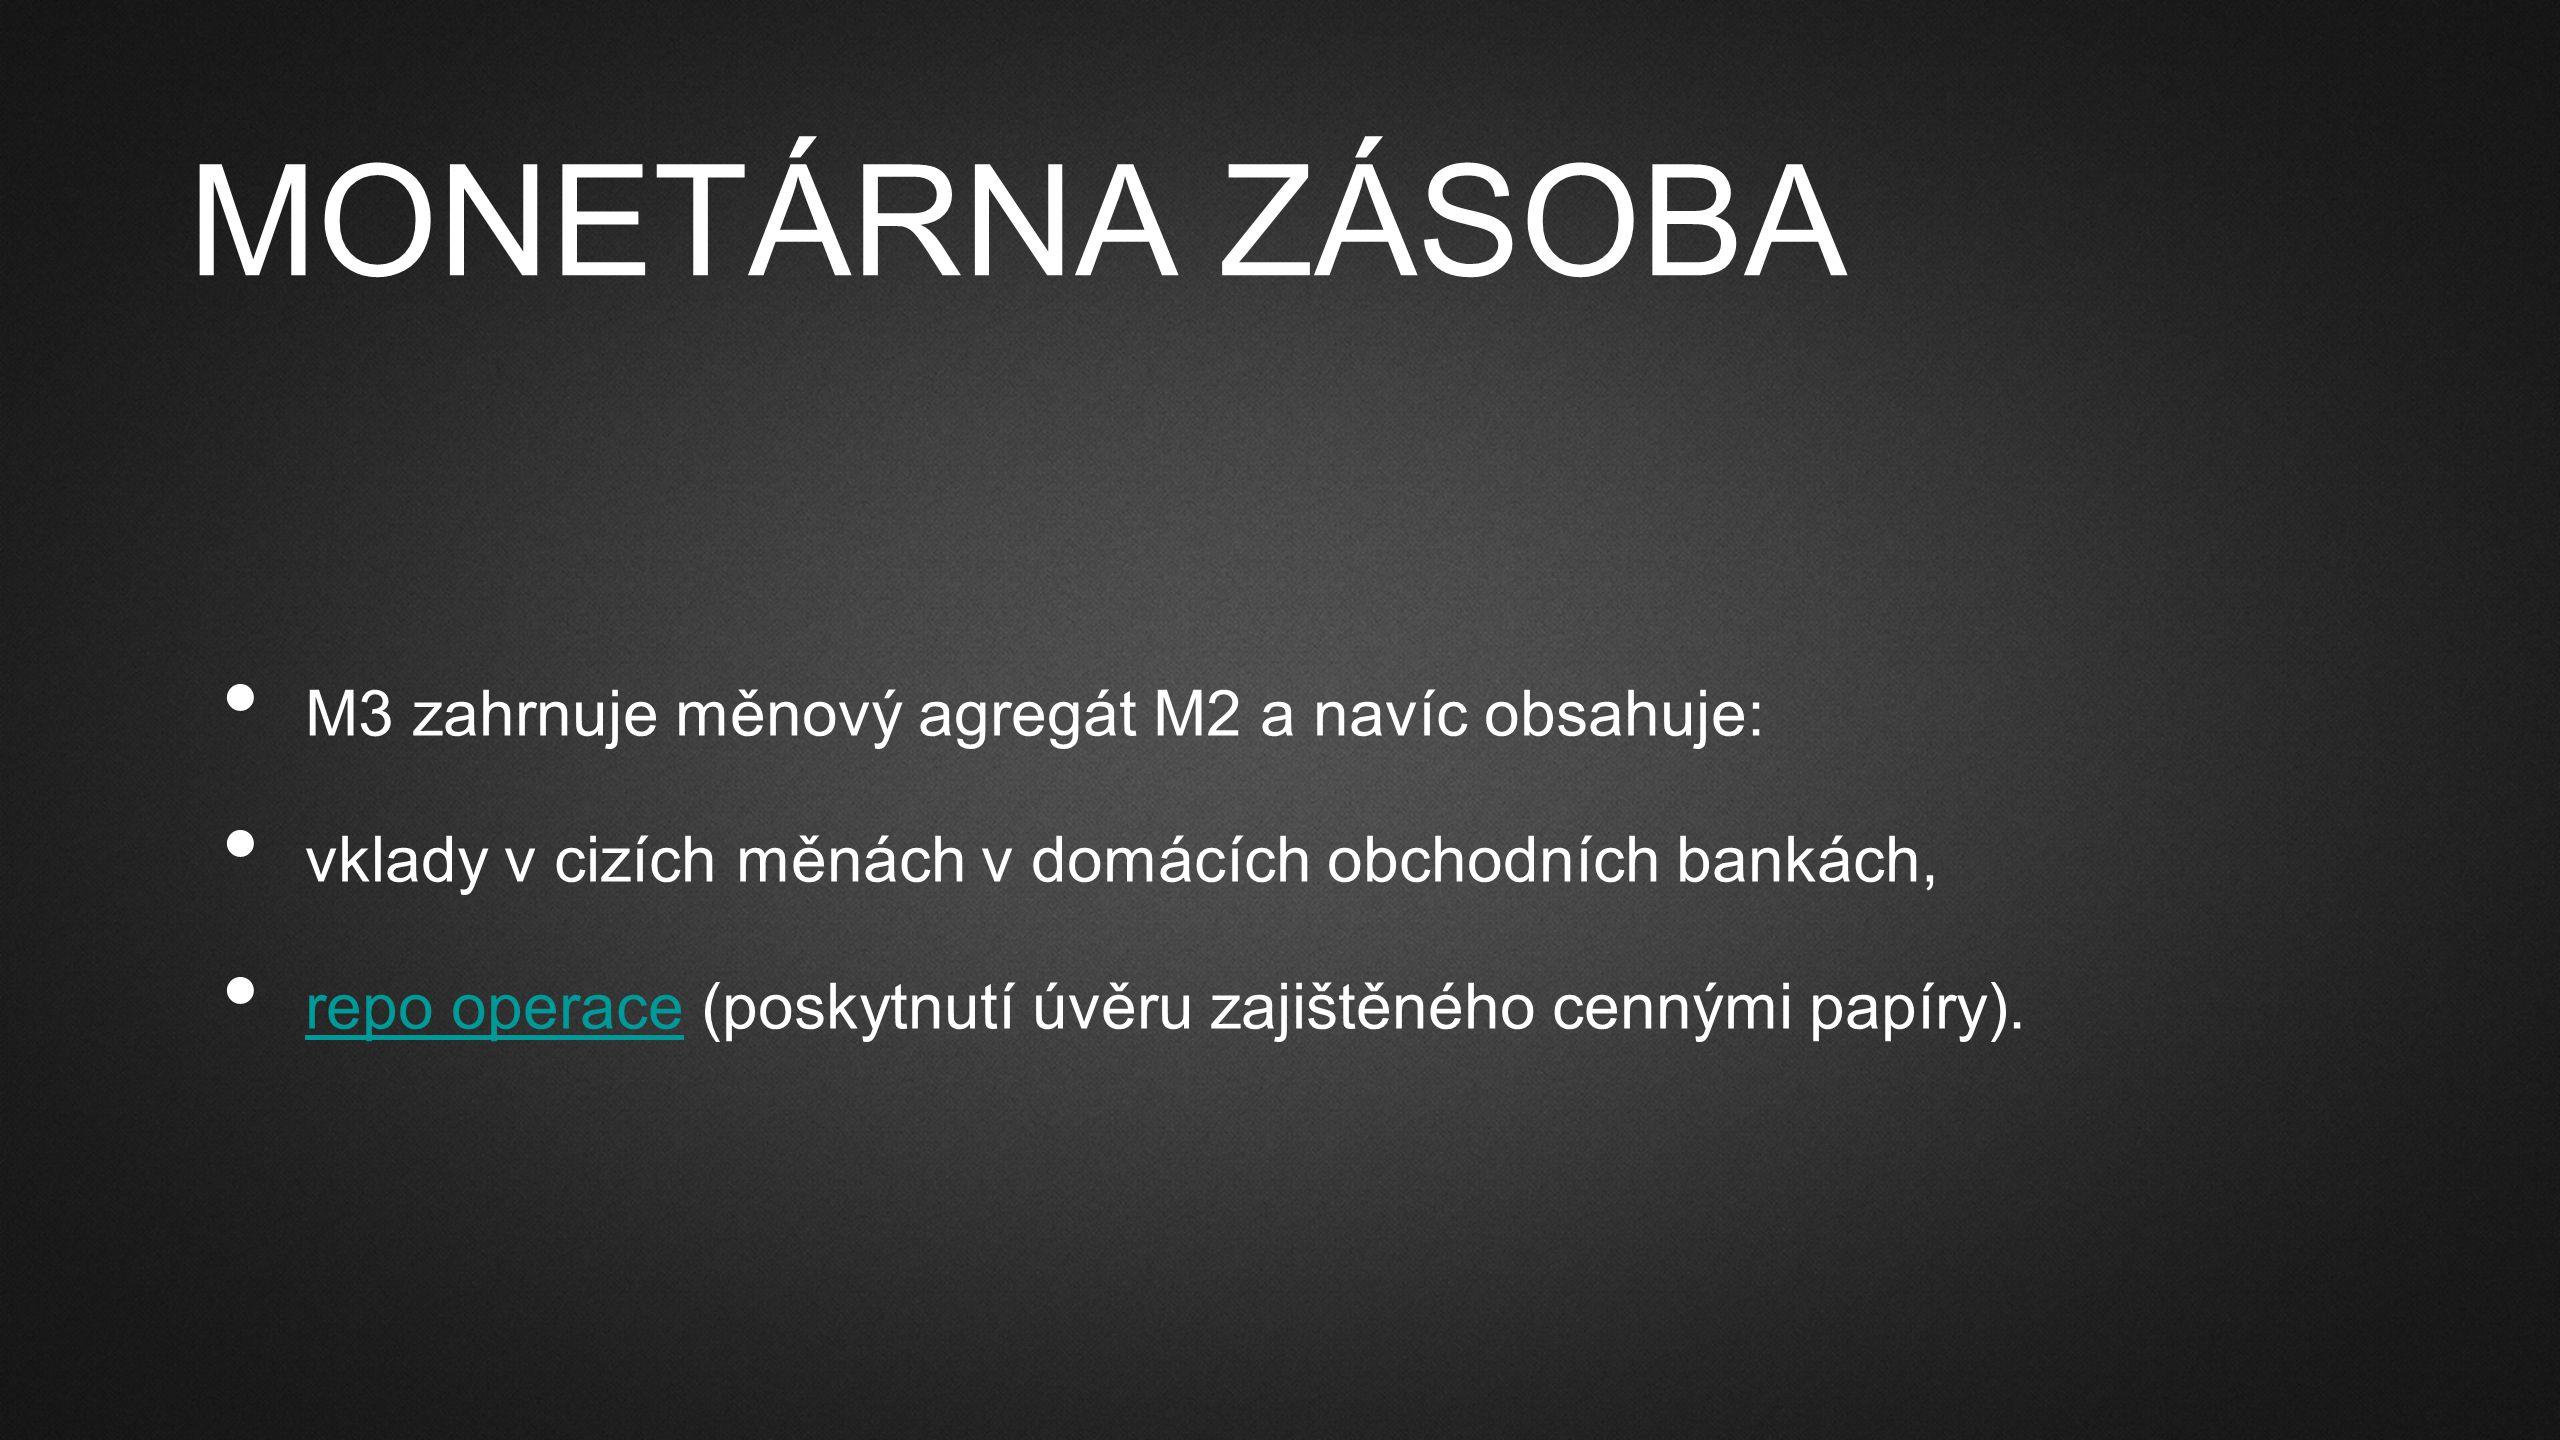 MONETÁRNA ZÁSOBA M3 zahrnuje měnový agregát M2 a navíc obsahuje: vklady v cizích měnách v domácích obchodních bankách, repo operace (poskytnutí úvěru zajištěného cennými papíry).